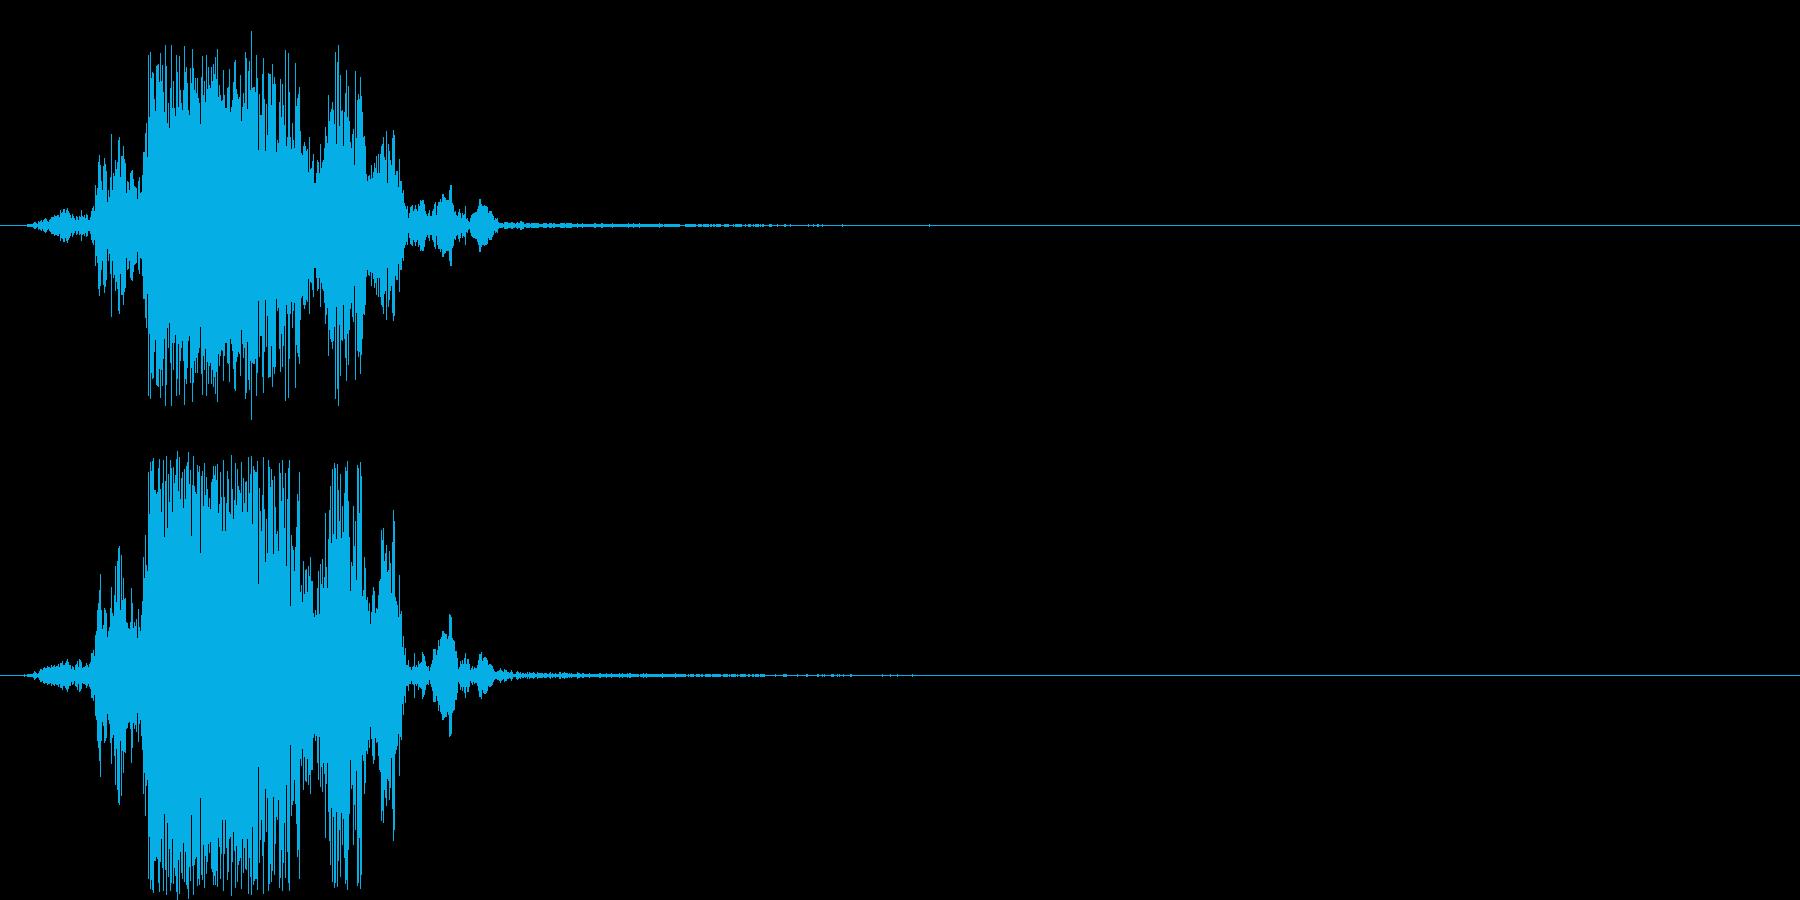 ザク 穴掘り音の再生済みの波形